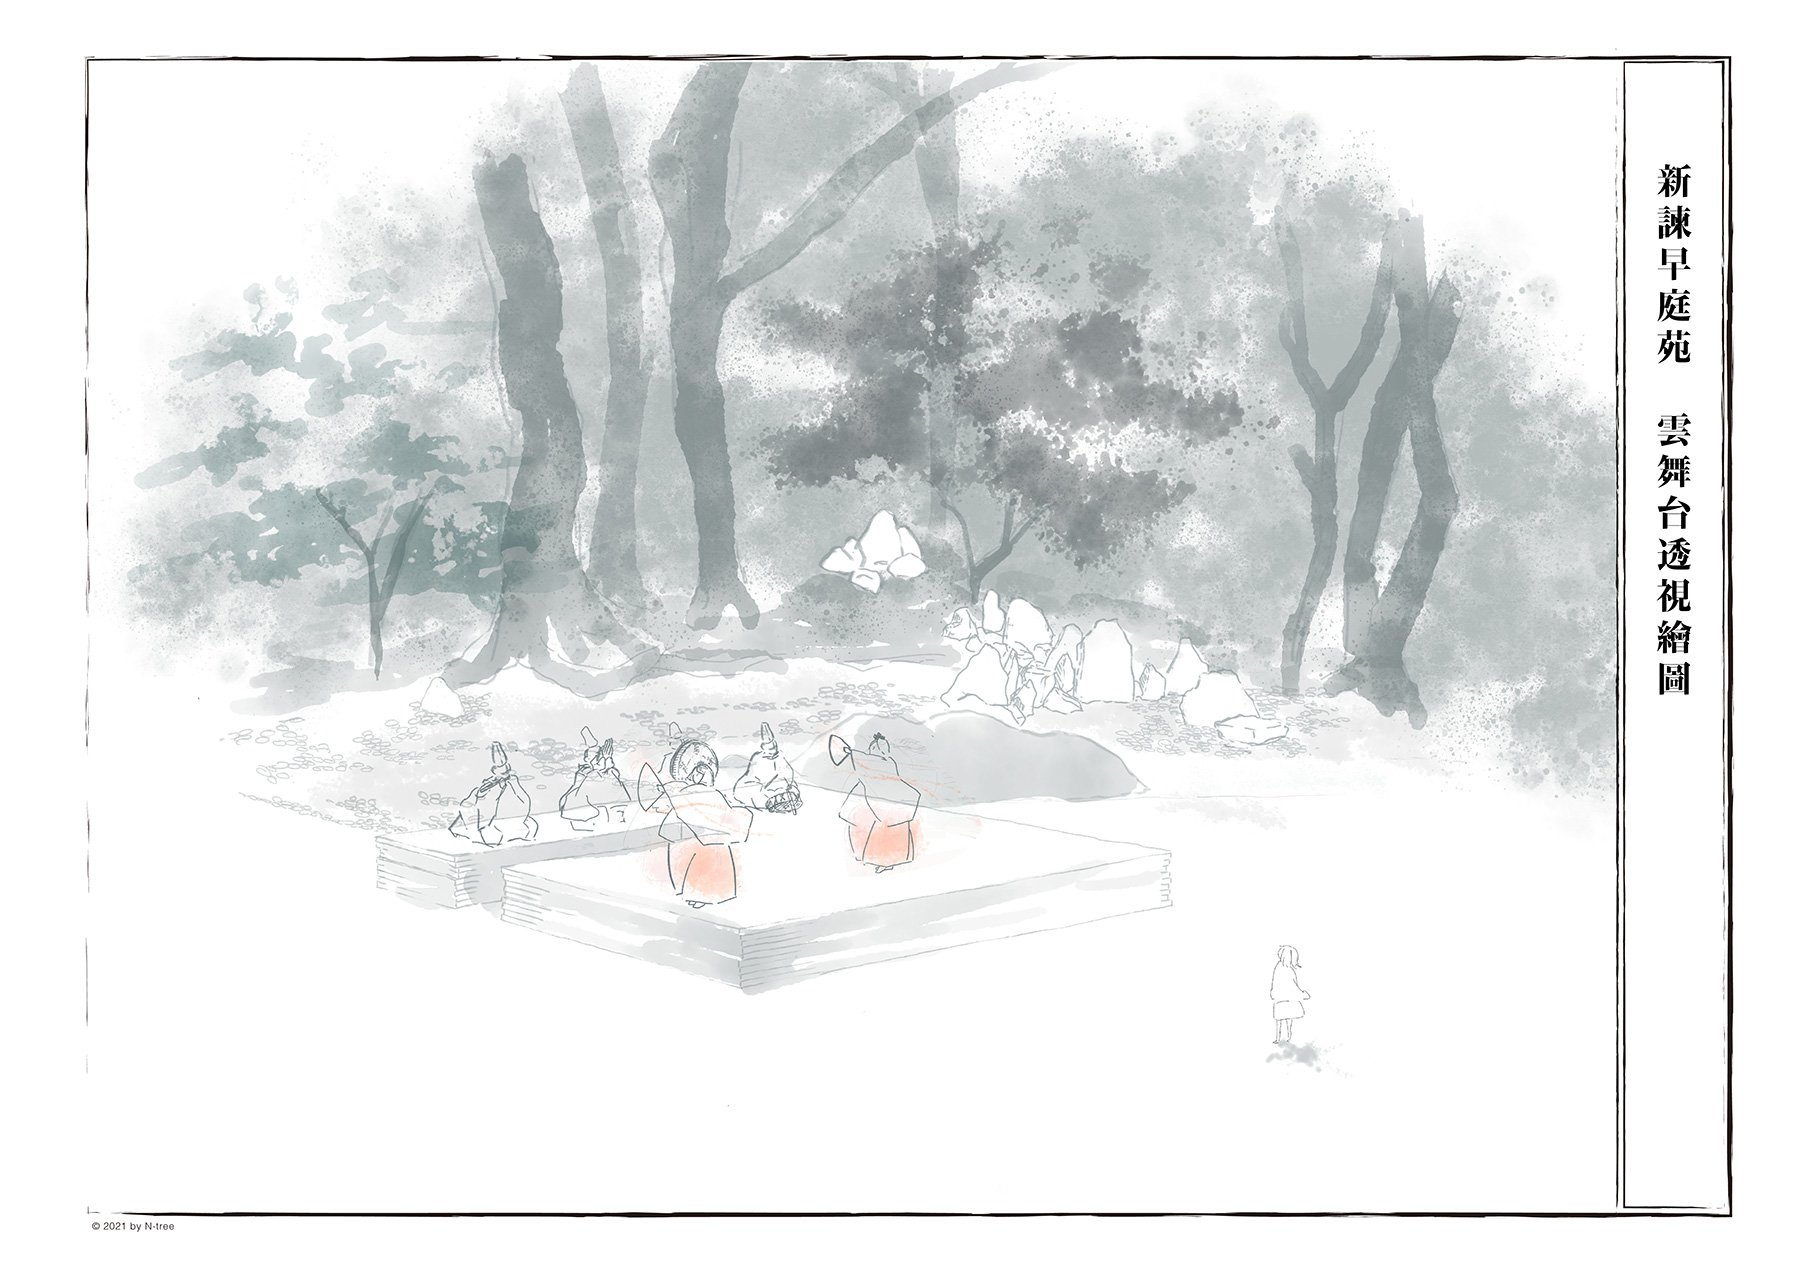 庭苑設計案 4th 「最終計画案」雲舞台透視絵図